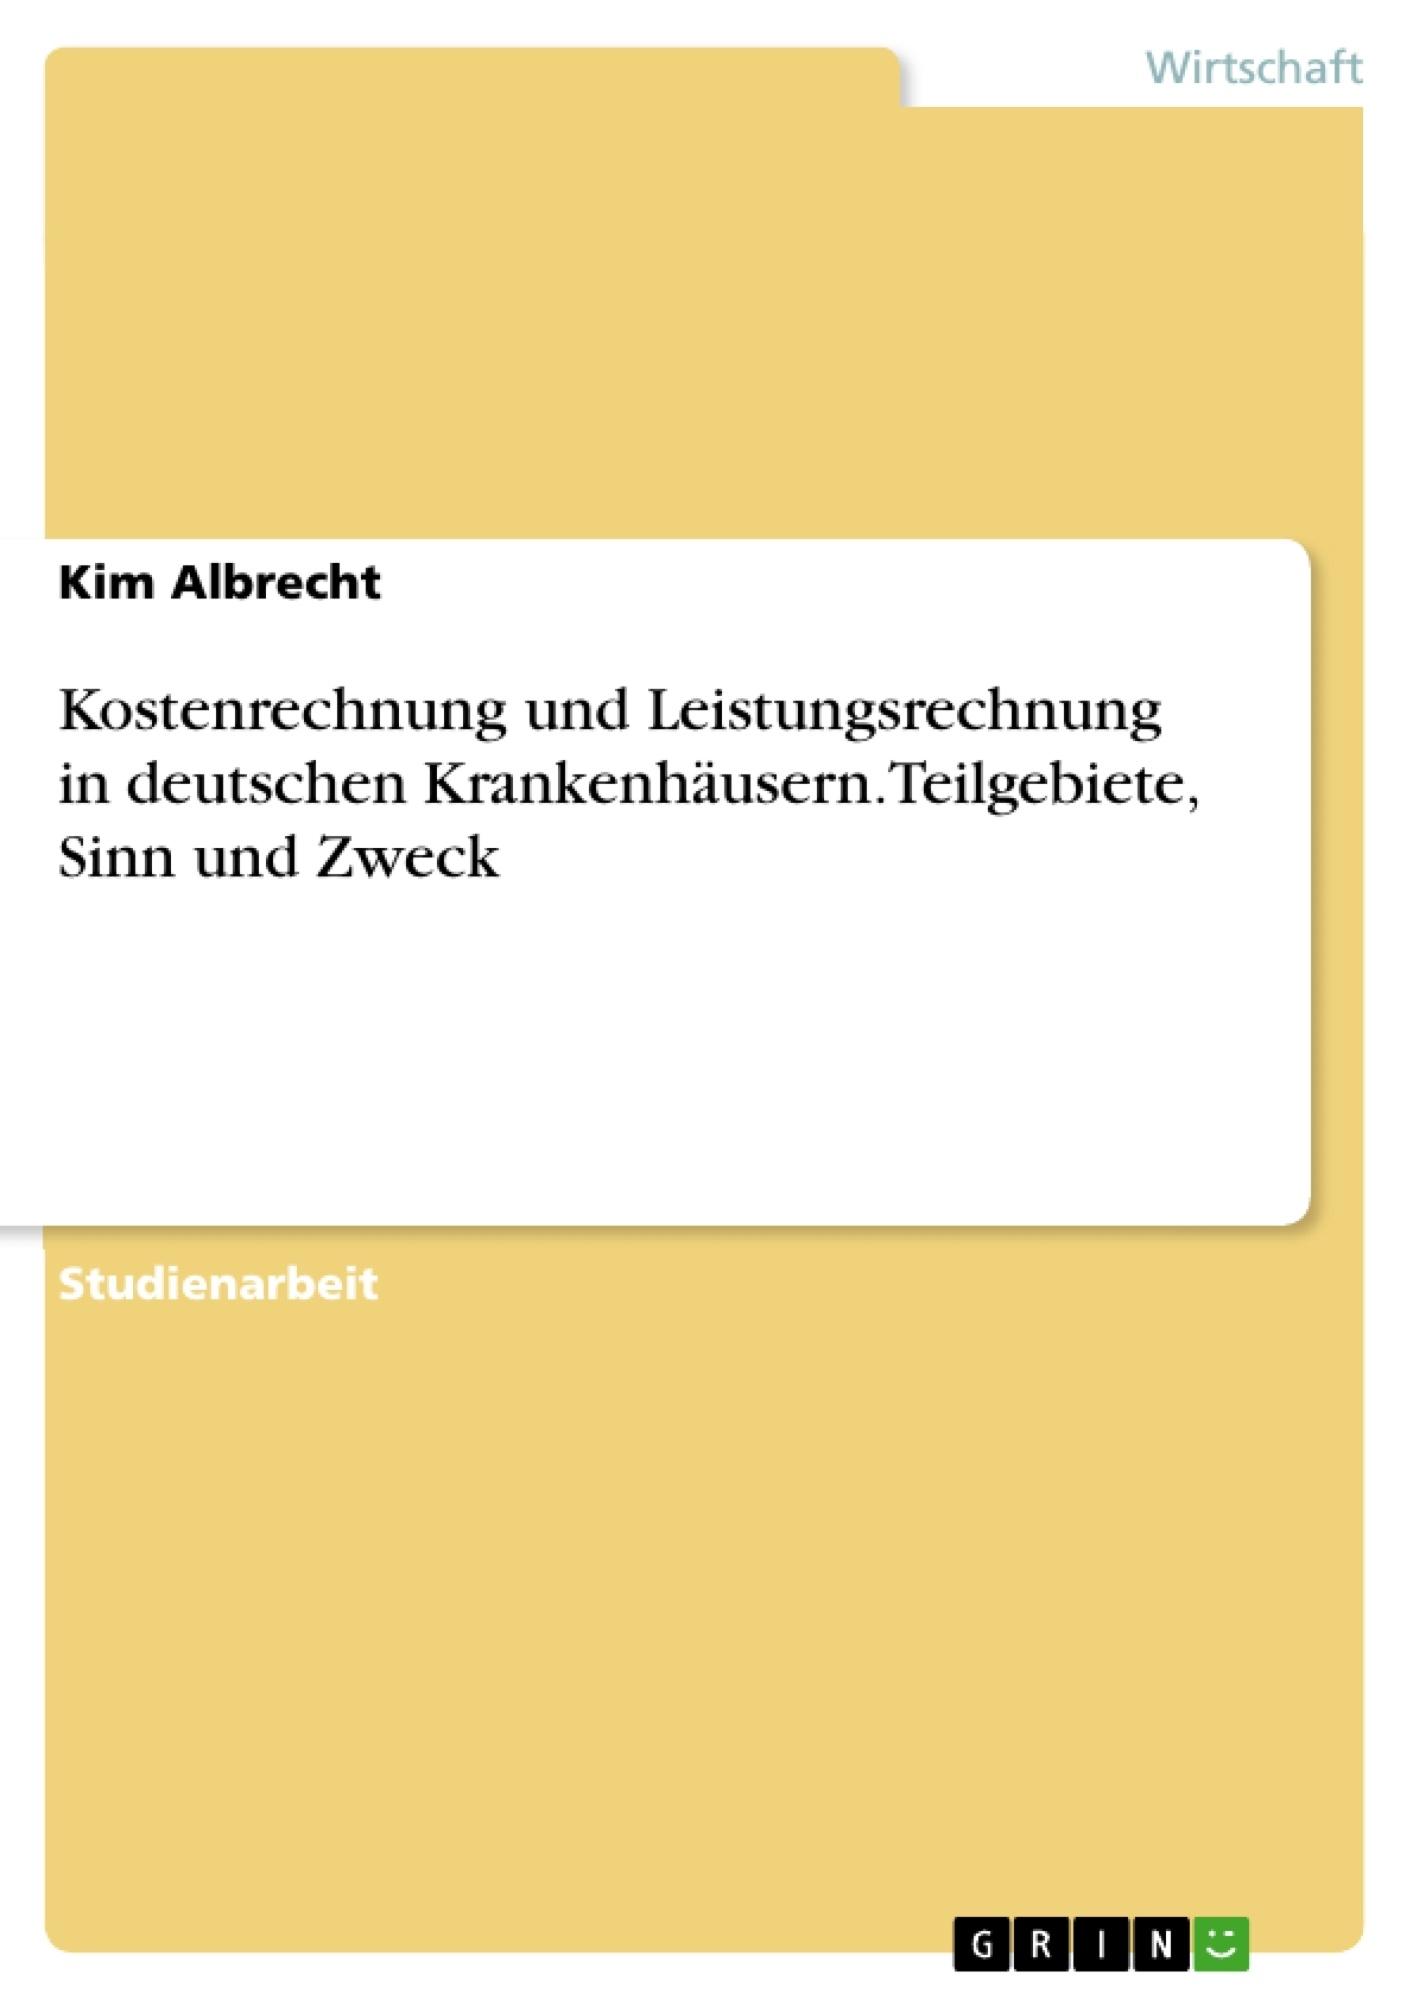 Titel: Kostenrechnung und Leistungsrechnung in  deutschen Krankenhäusern. Teilgebiete, Sinn und Zweck